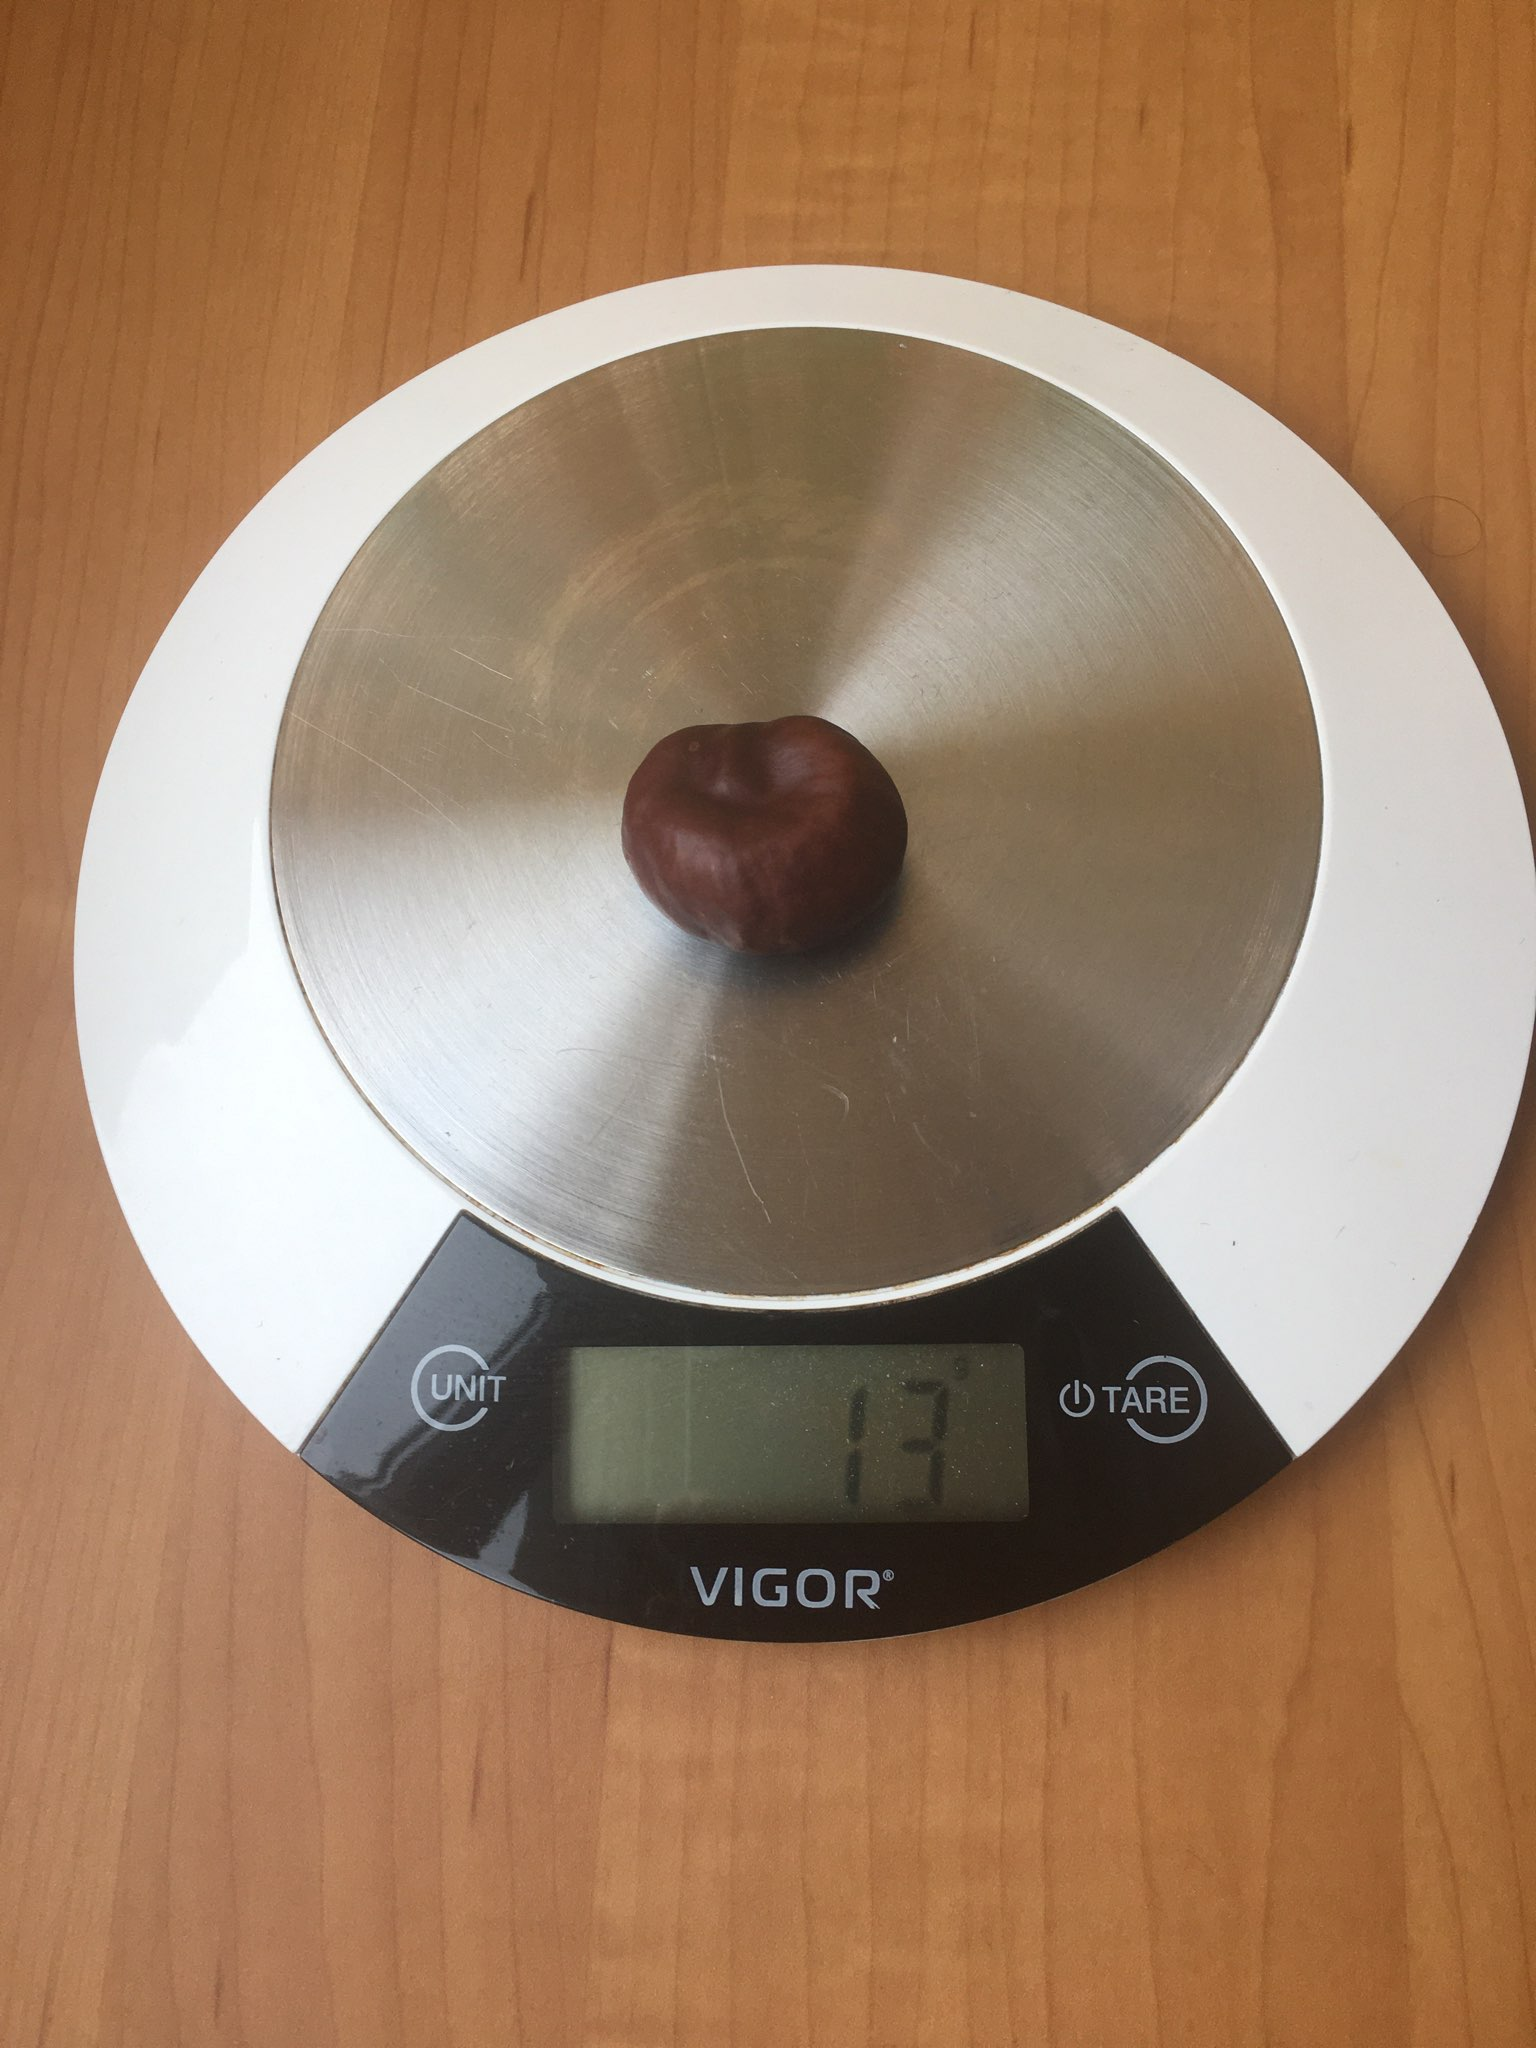 вес каштана без скорлупы